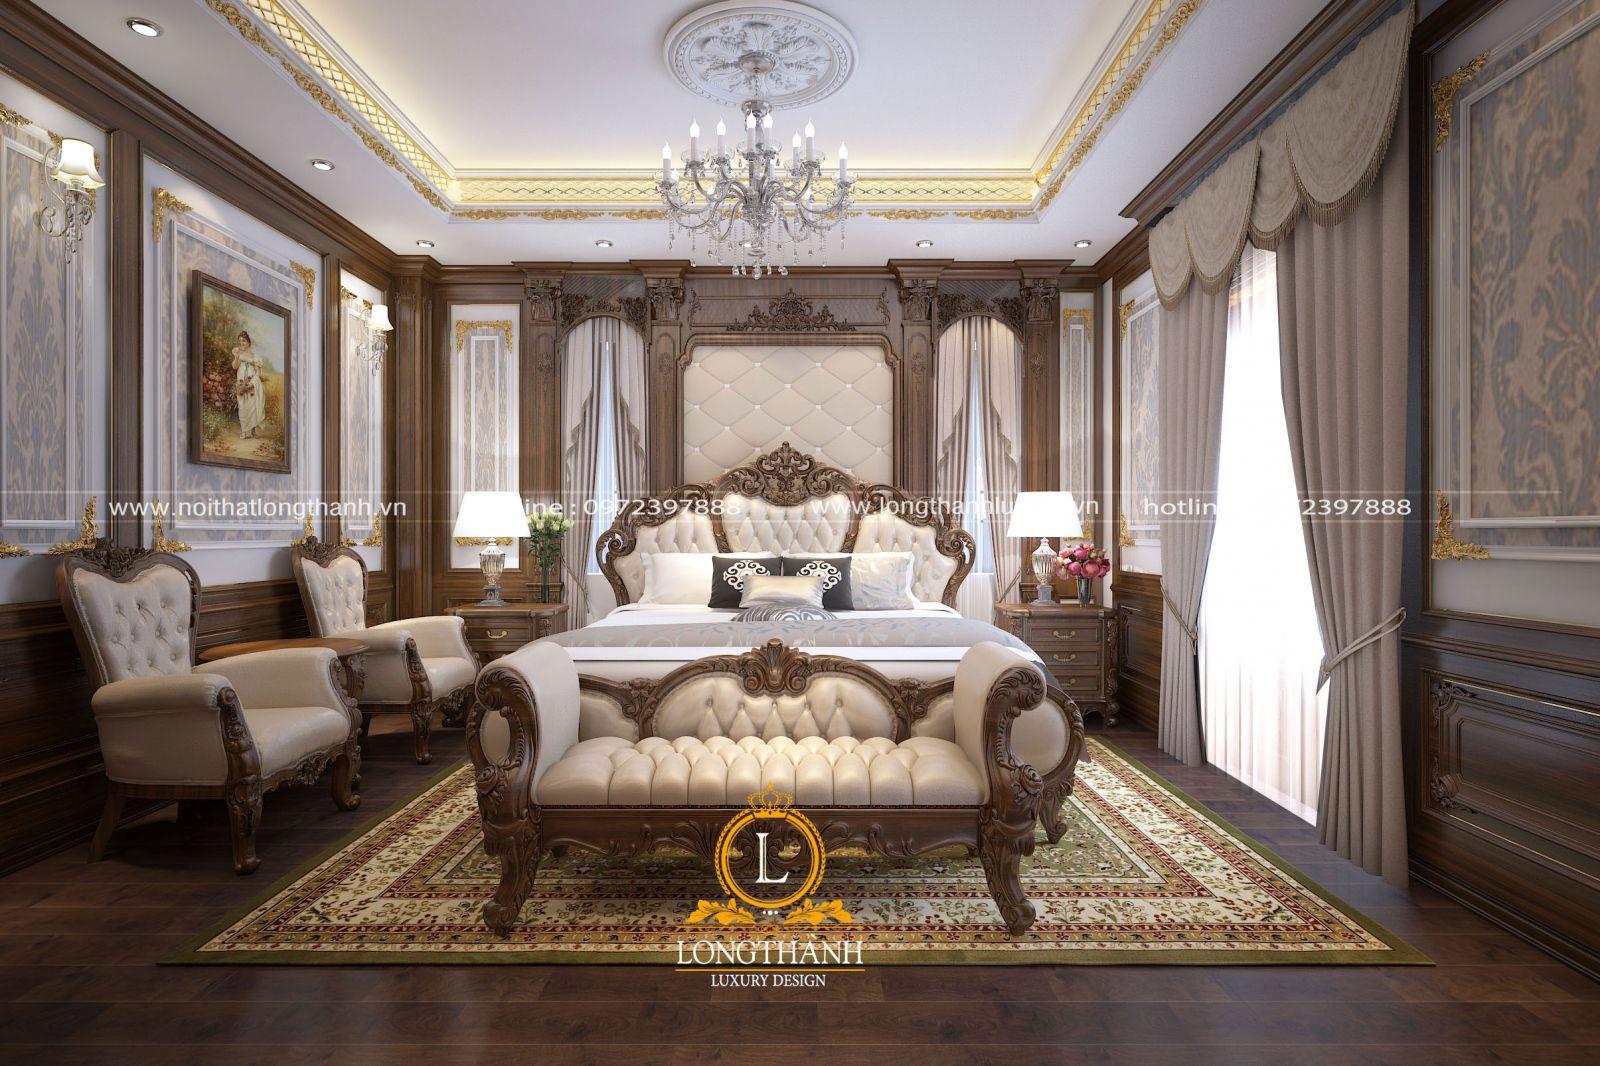 Phòng ngủ master với sự kết hợp của nhiều món đồ nội thất đục trạm sắc sảo